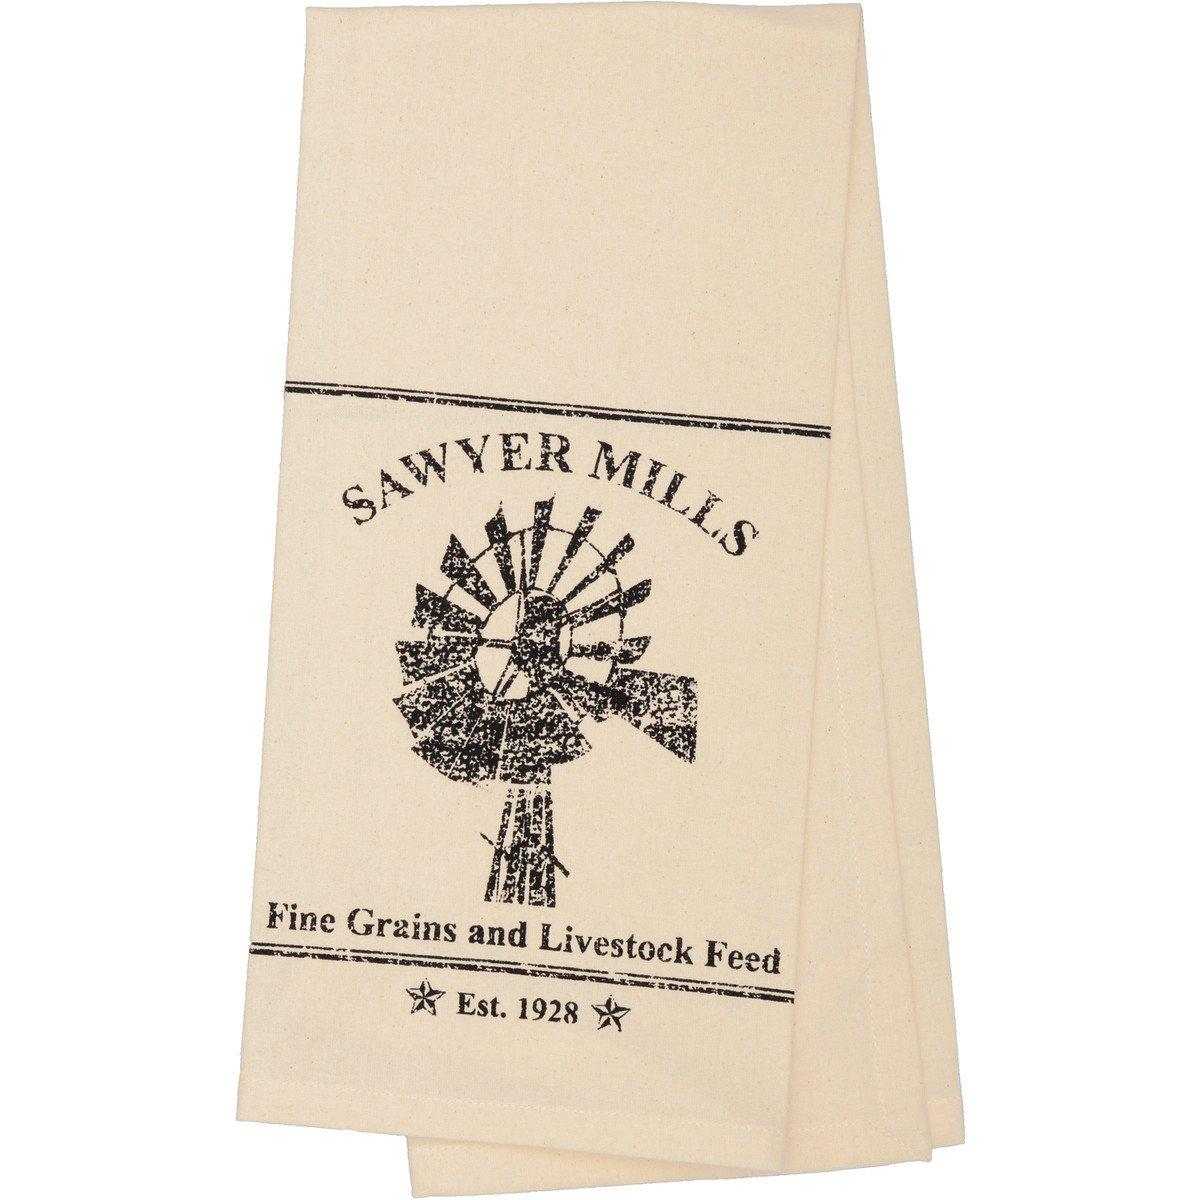 SAWYER MILL CHARCOAL WINDMILL MUSLIN UNBLEACHED NATURAL TEA TOWEL 19X28